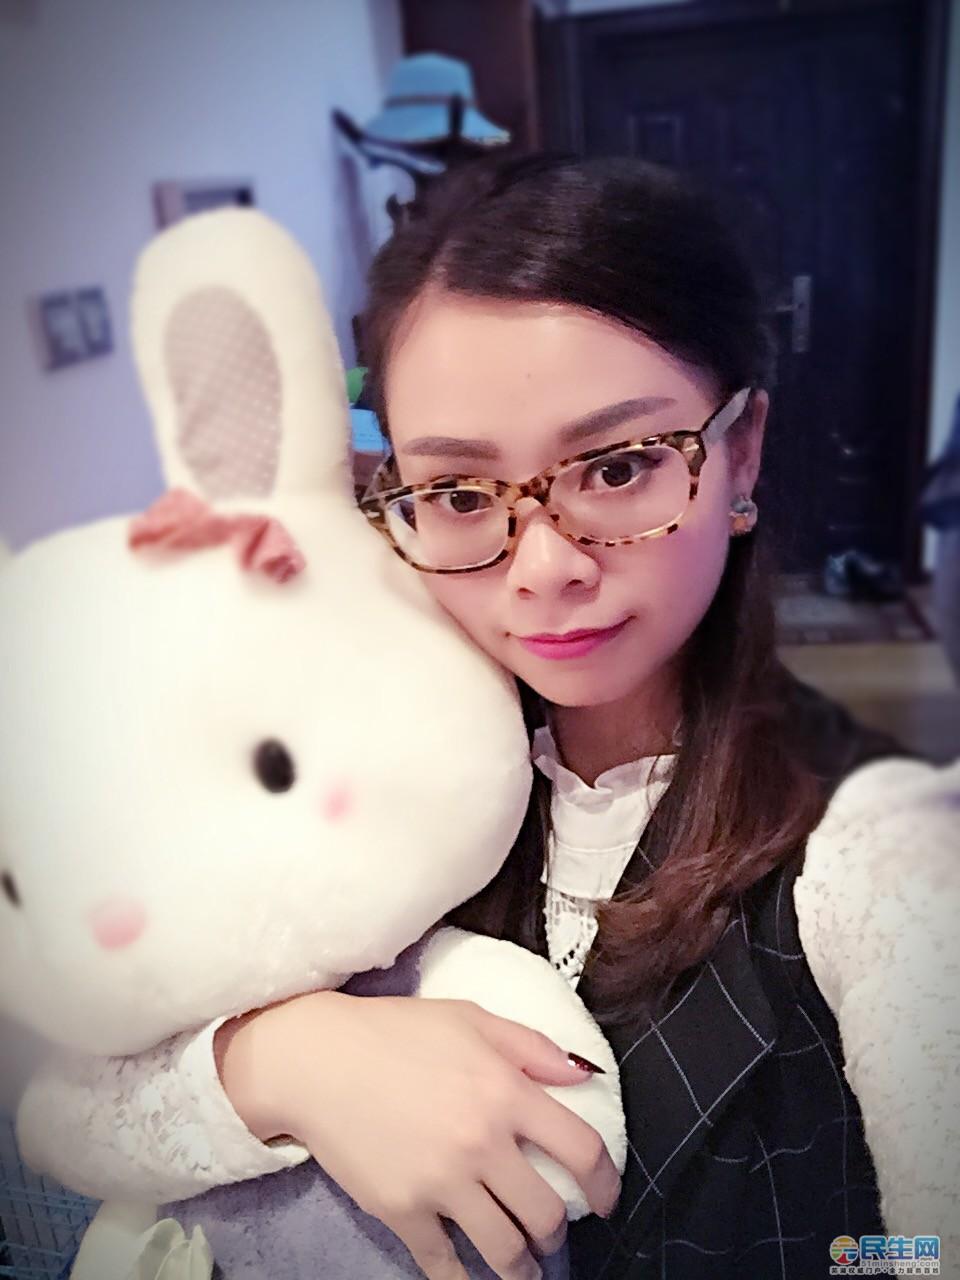 芜湖民生网app封面女神第1期:麻辣鲜师—伍宗娇